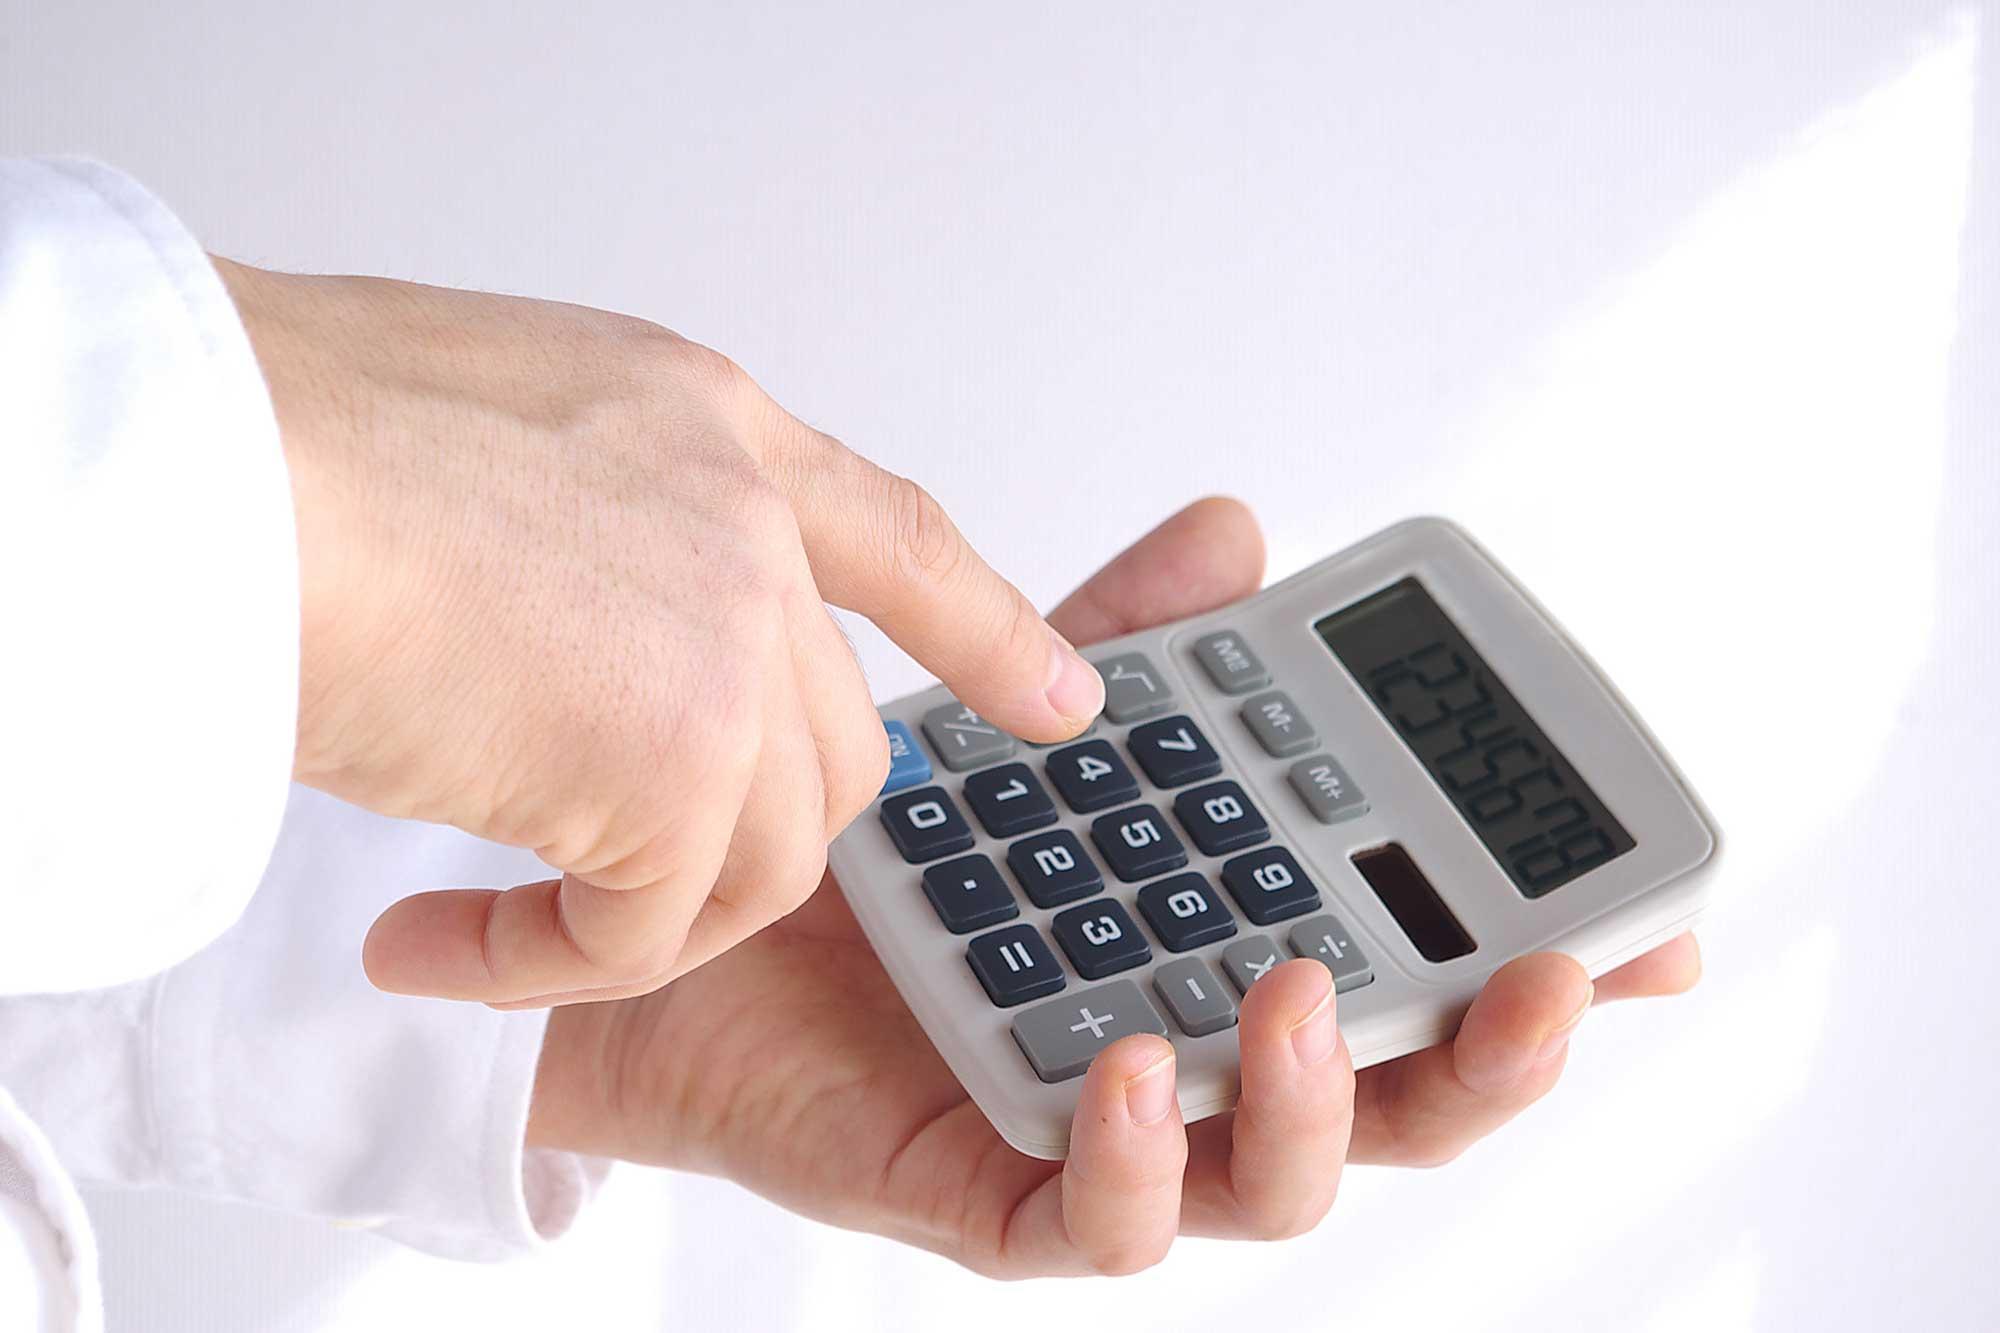 どれくらい売上・利益が減るのかを計算する